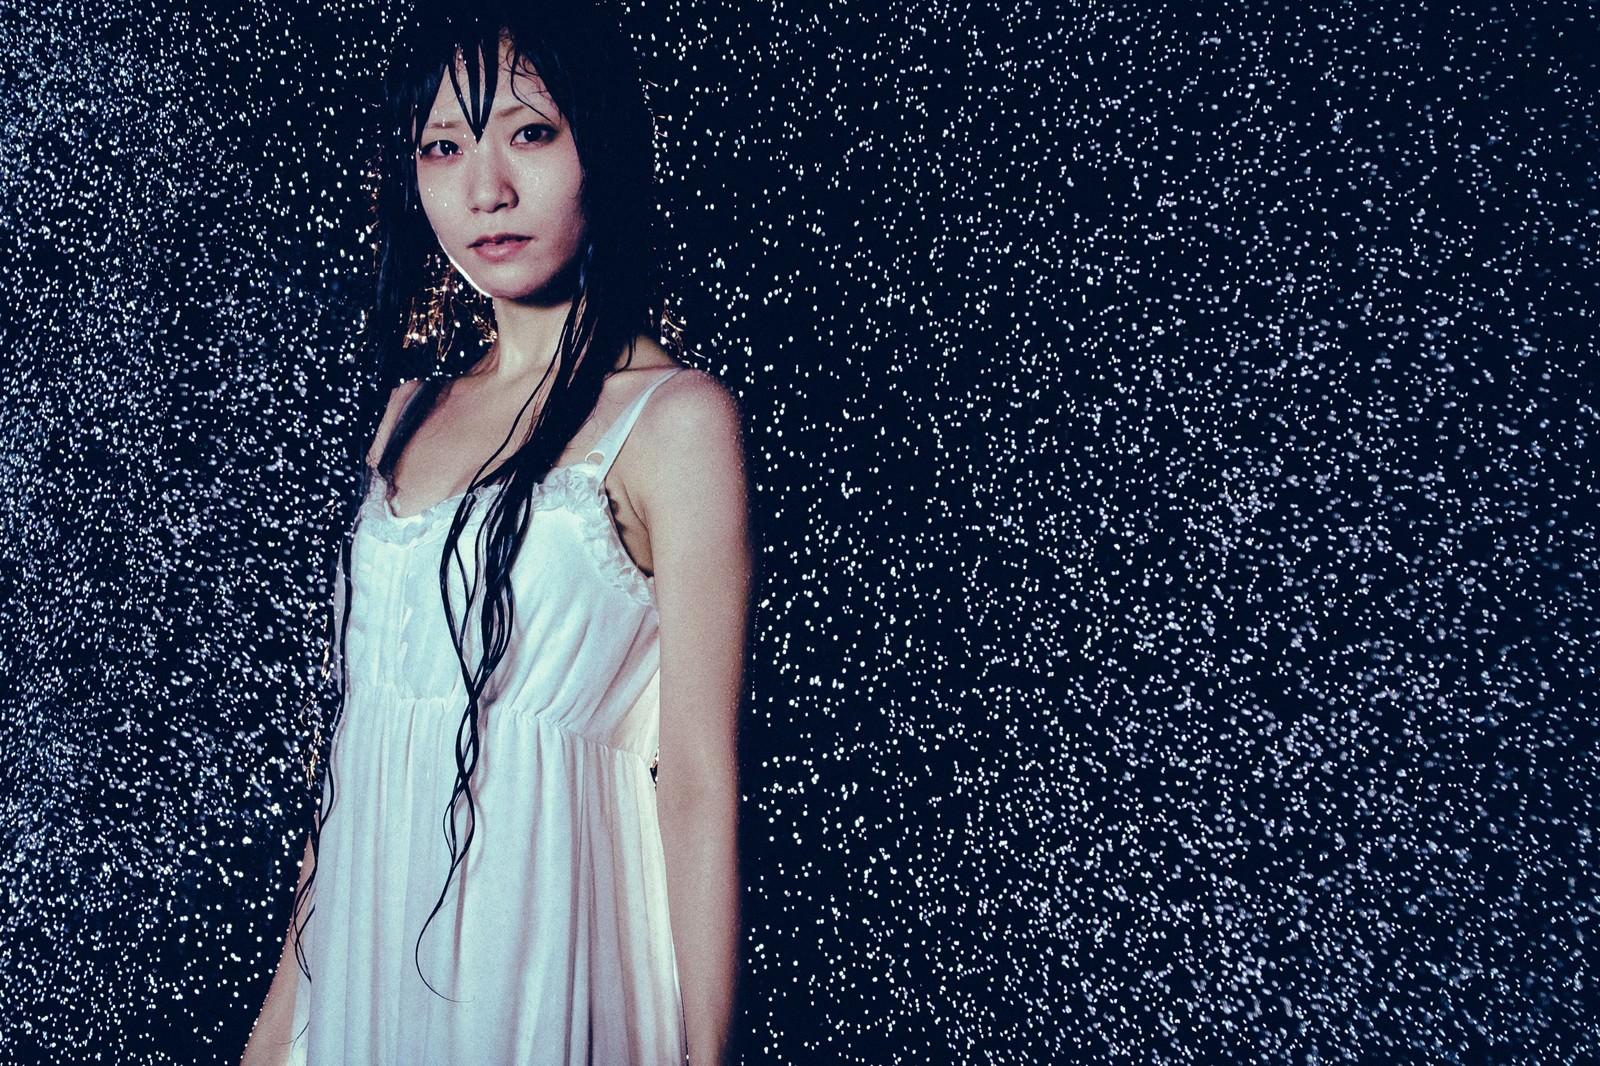 「雨に濡れたワンピース姿の女性雨に濡れたワンピース姿の女性」[モデル:緋真煉]のフリー写真素材を拡大